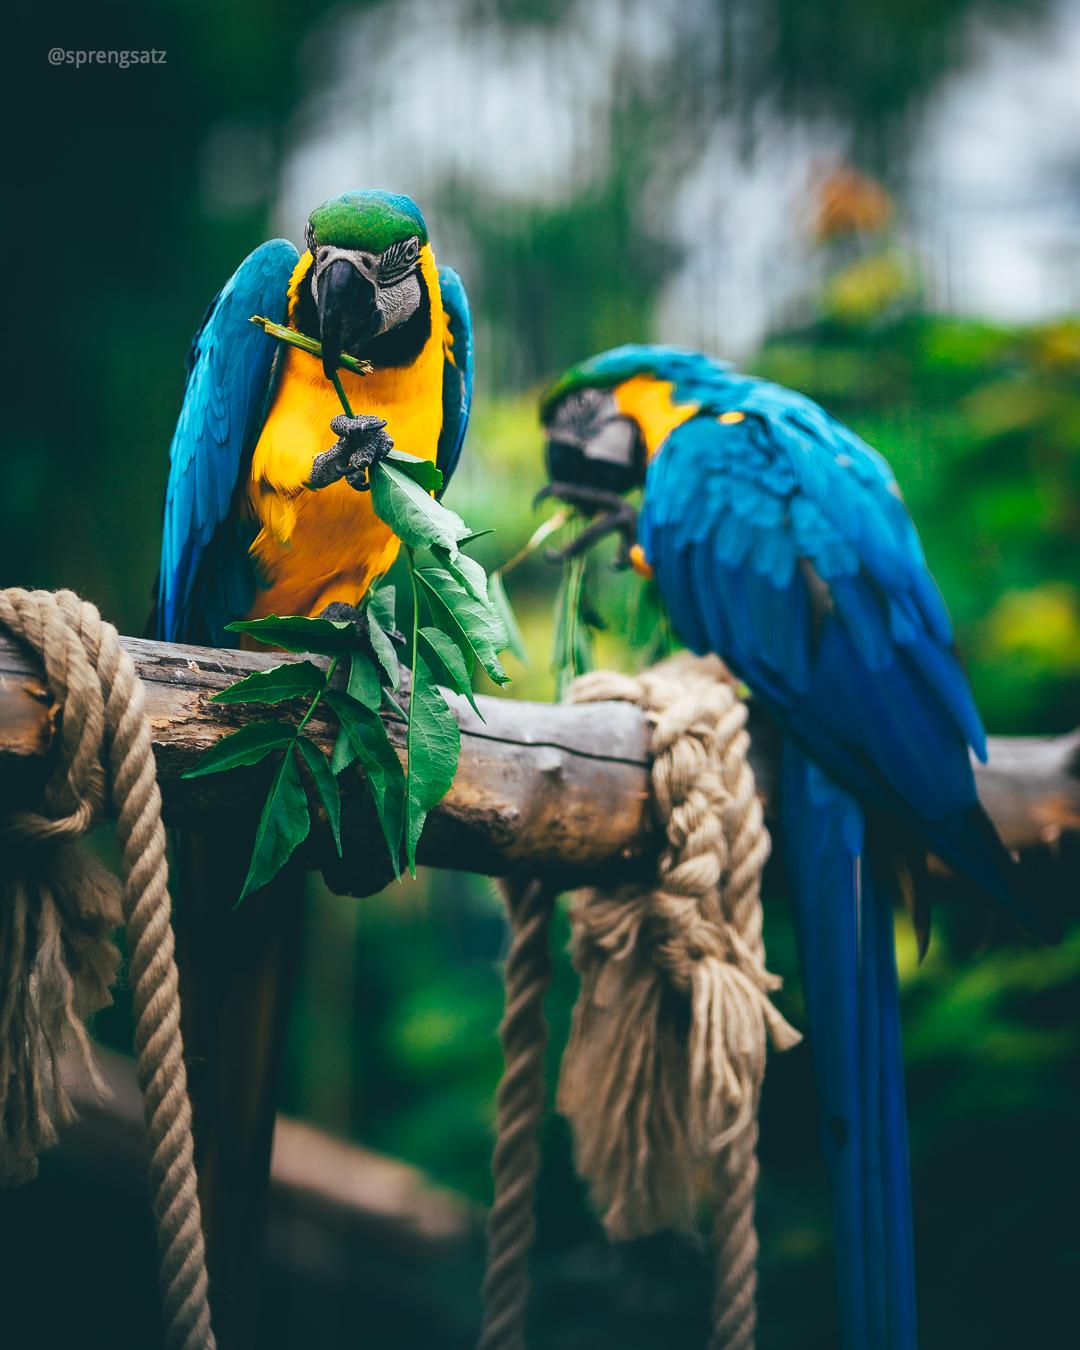 Der Gelbbrustara (Ara ararauna) ist eine Papageienart der Gattung der Eigentlichen Aras (Ara)